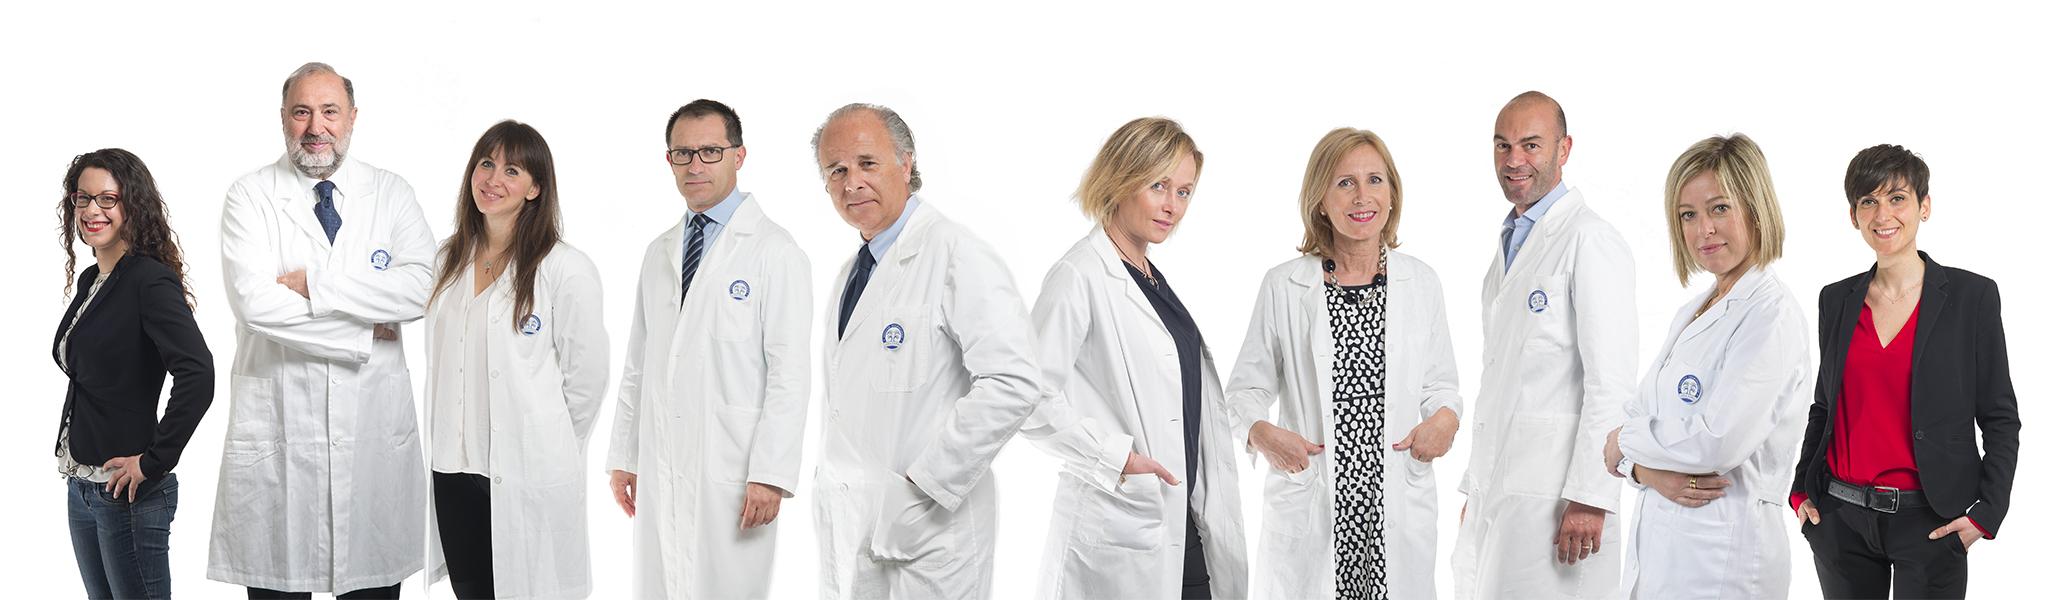 Online il nostro nuovo sito istituto dermoclinico vita cutis for Istituto grafico pubblicitario milano